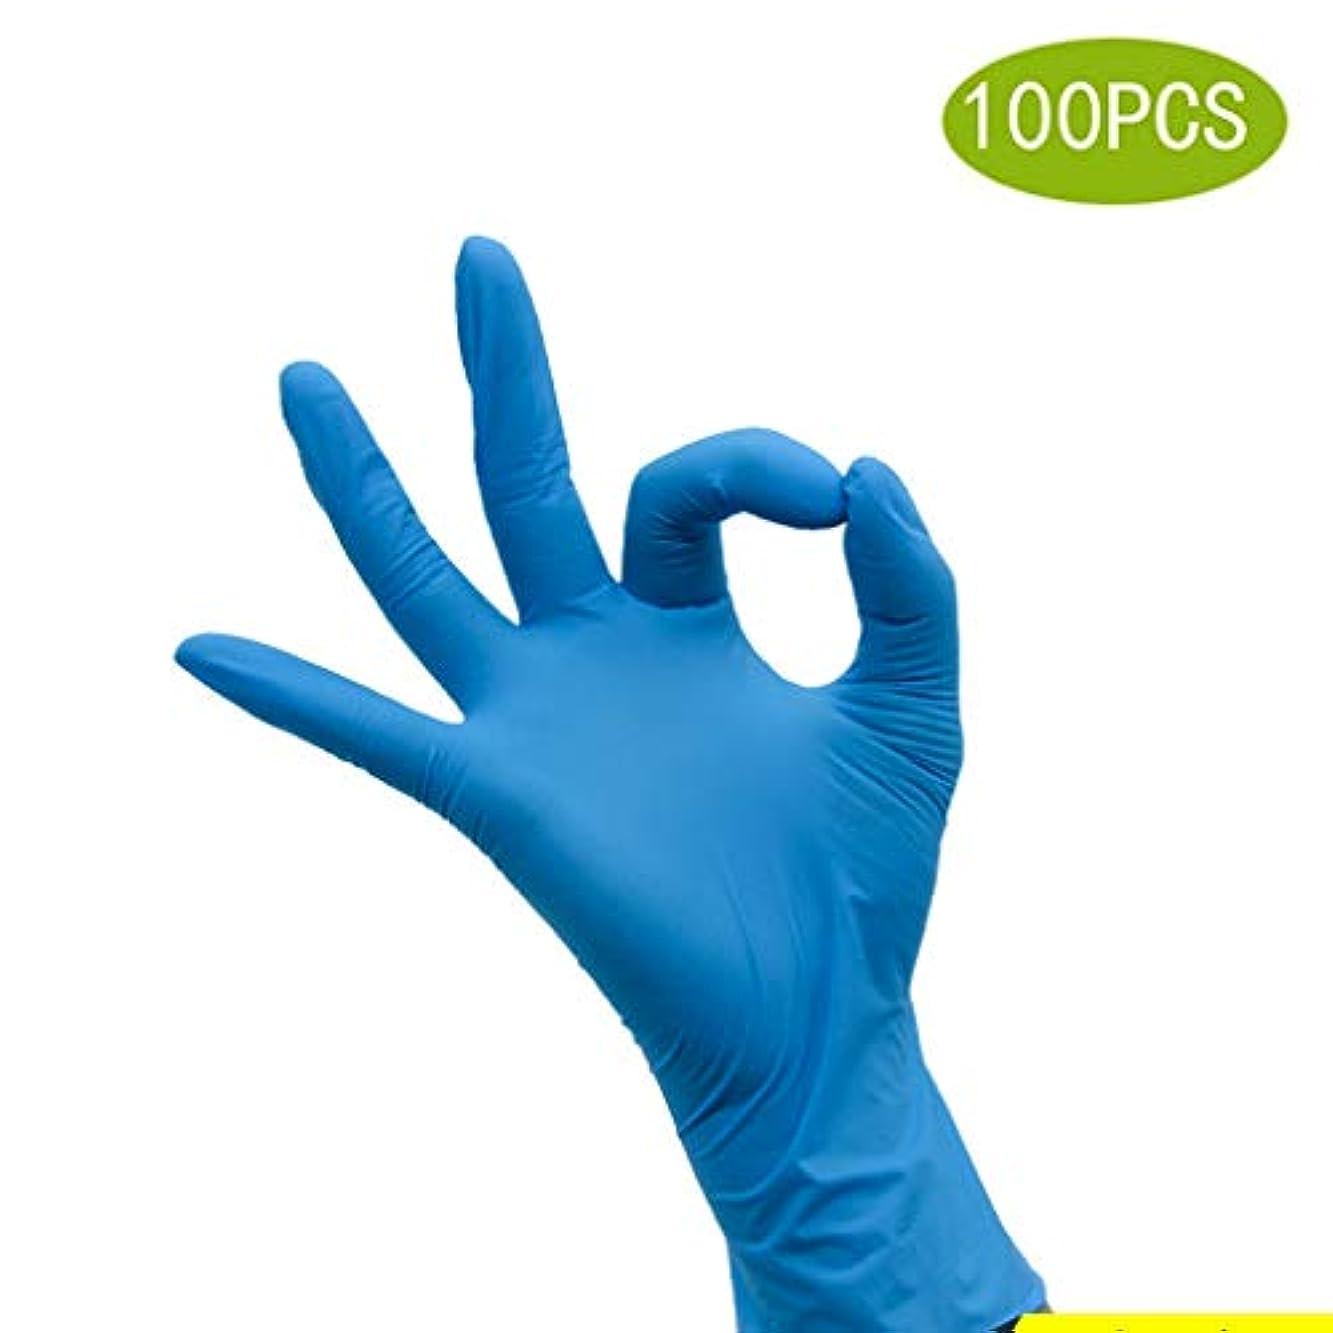 使い捨て手袋食品ケータリング手術丁清ゴムラテックススキンキッチン厚い試験ケータリング美容実験、使い捨て手袋ディスペンサー[100個] (Color : Blue, Size : L)